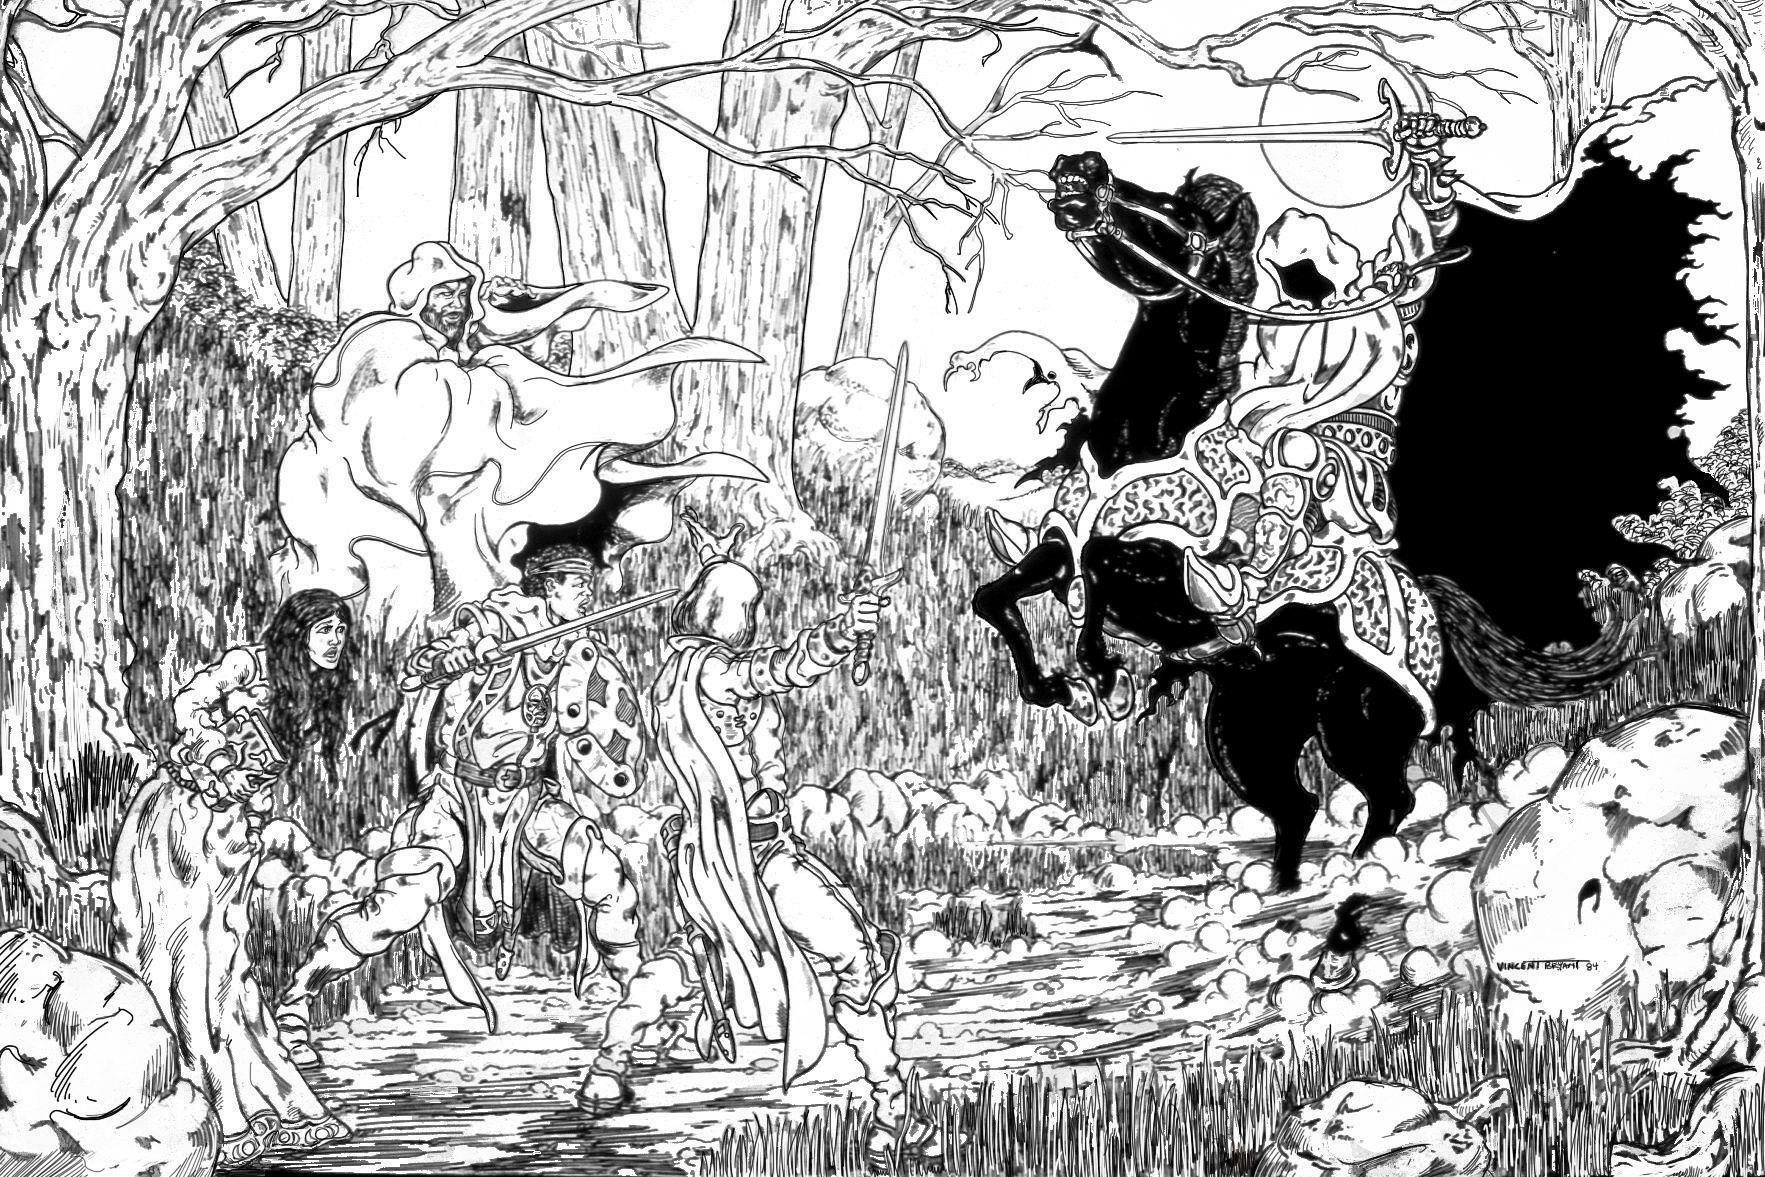 Vincent bryant a dark rider blocked their path